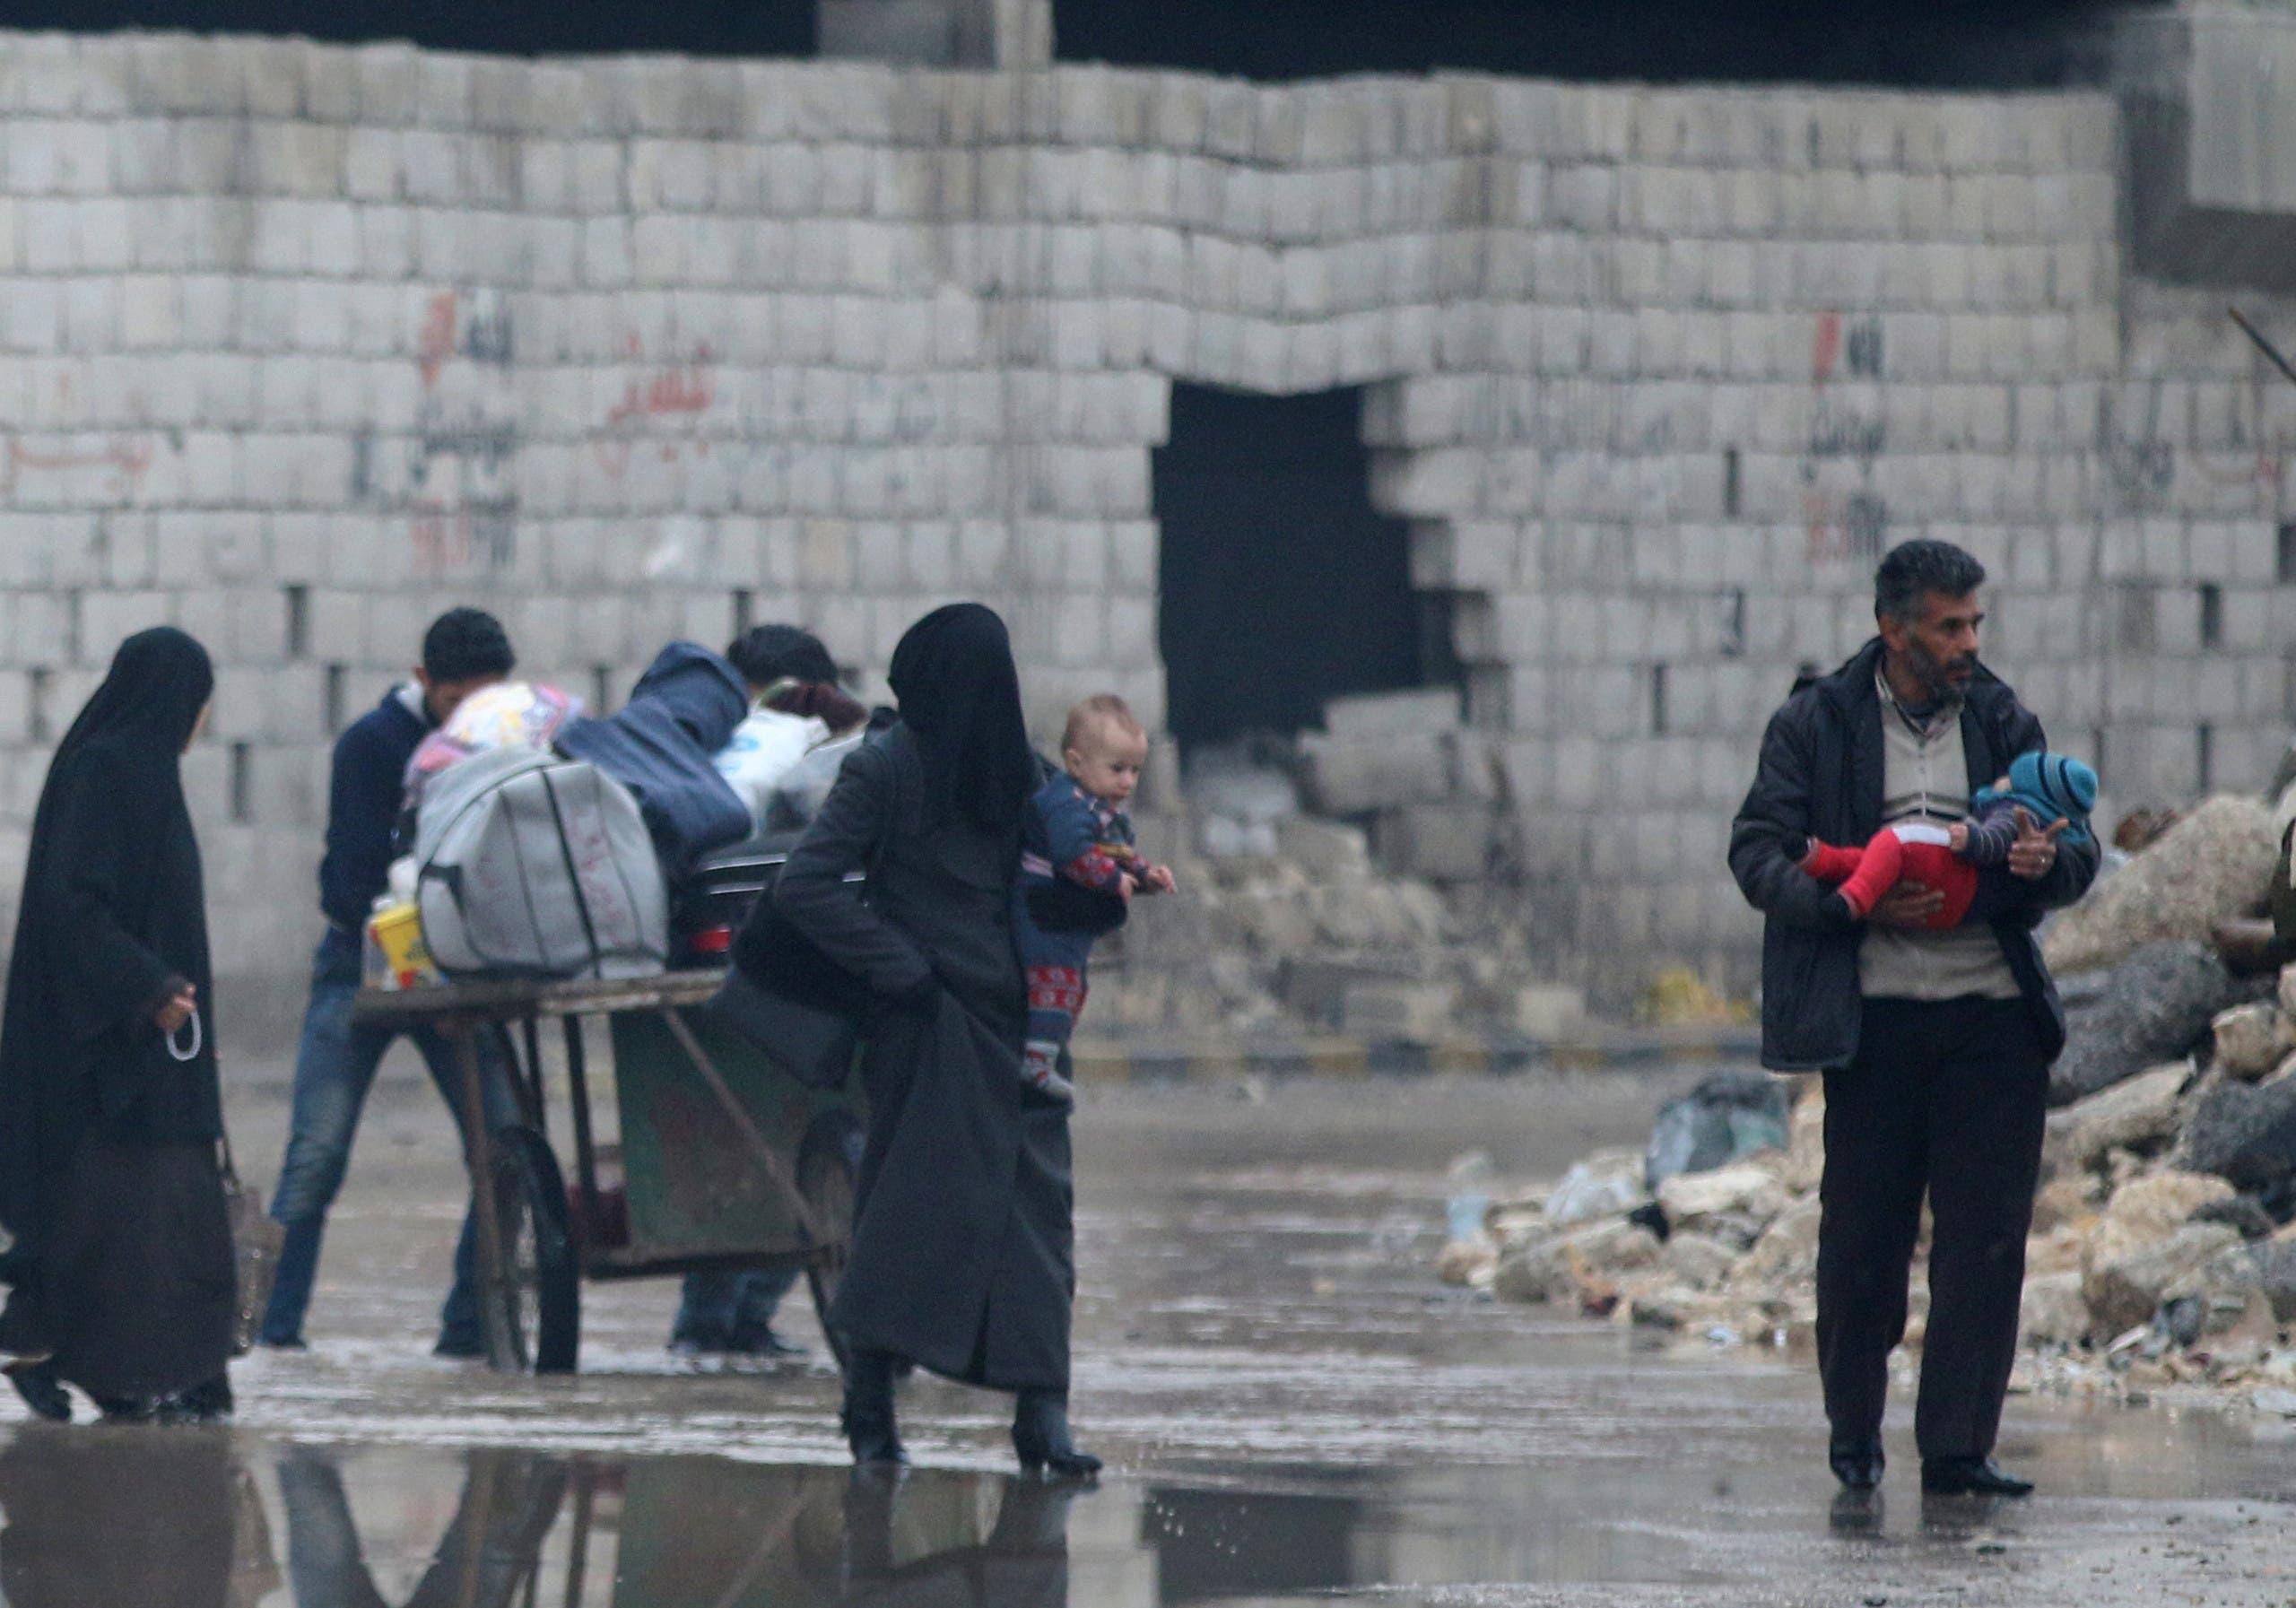 مدنيون يجمعون حاجاتهم ويهربون إلى عمق مناطق سيطرة المعارضة في حلب الشرقية